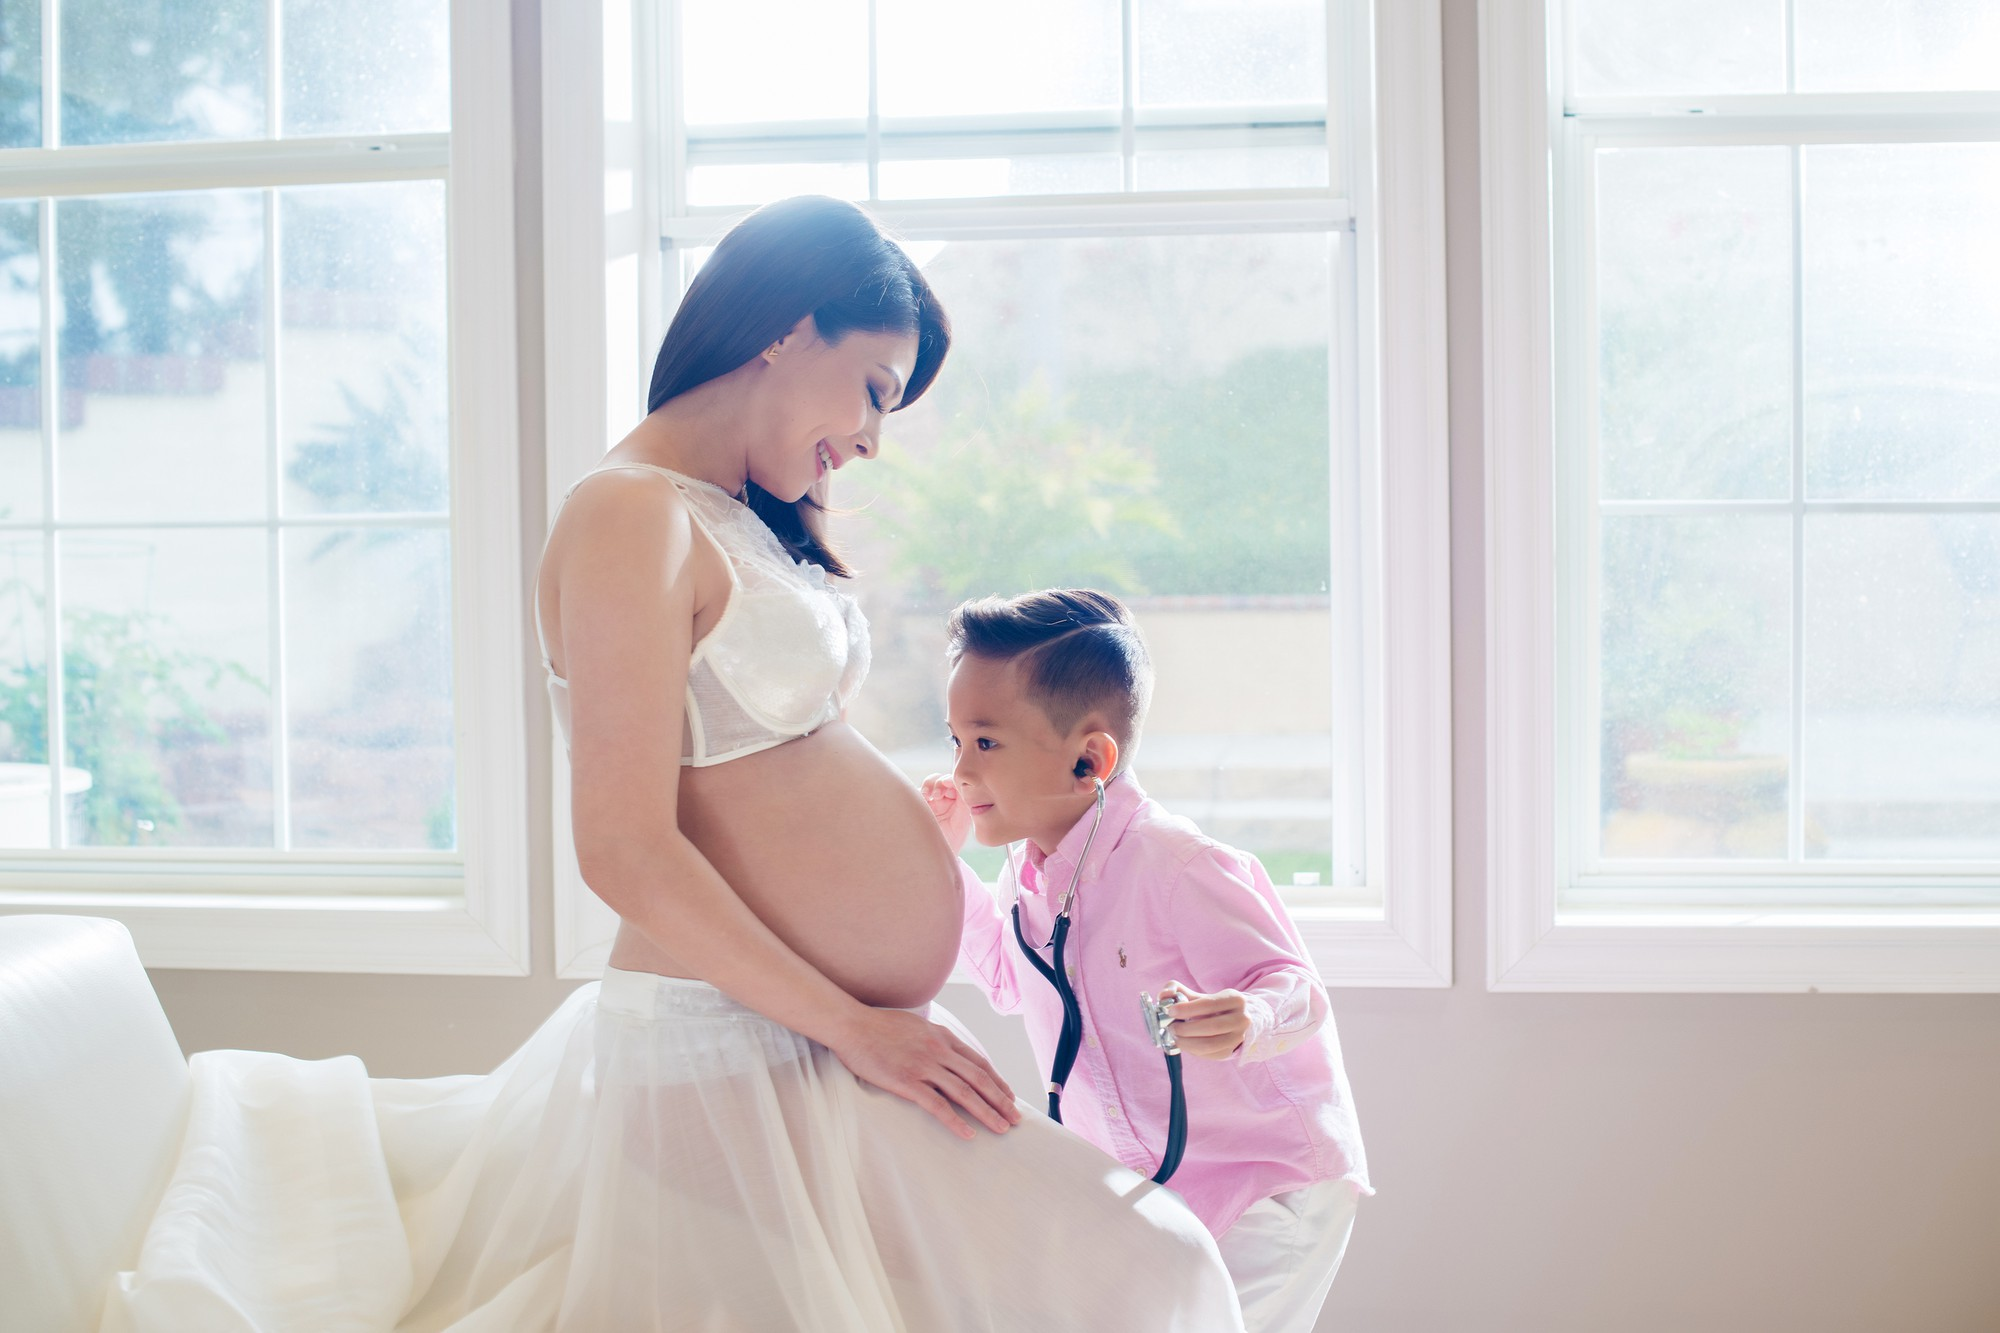 Ca sĩ Thanh Thảo vừa sinh con gái đầu lòng ở tuổi 41 - Ảnh 2.